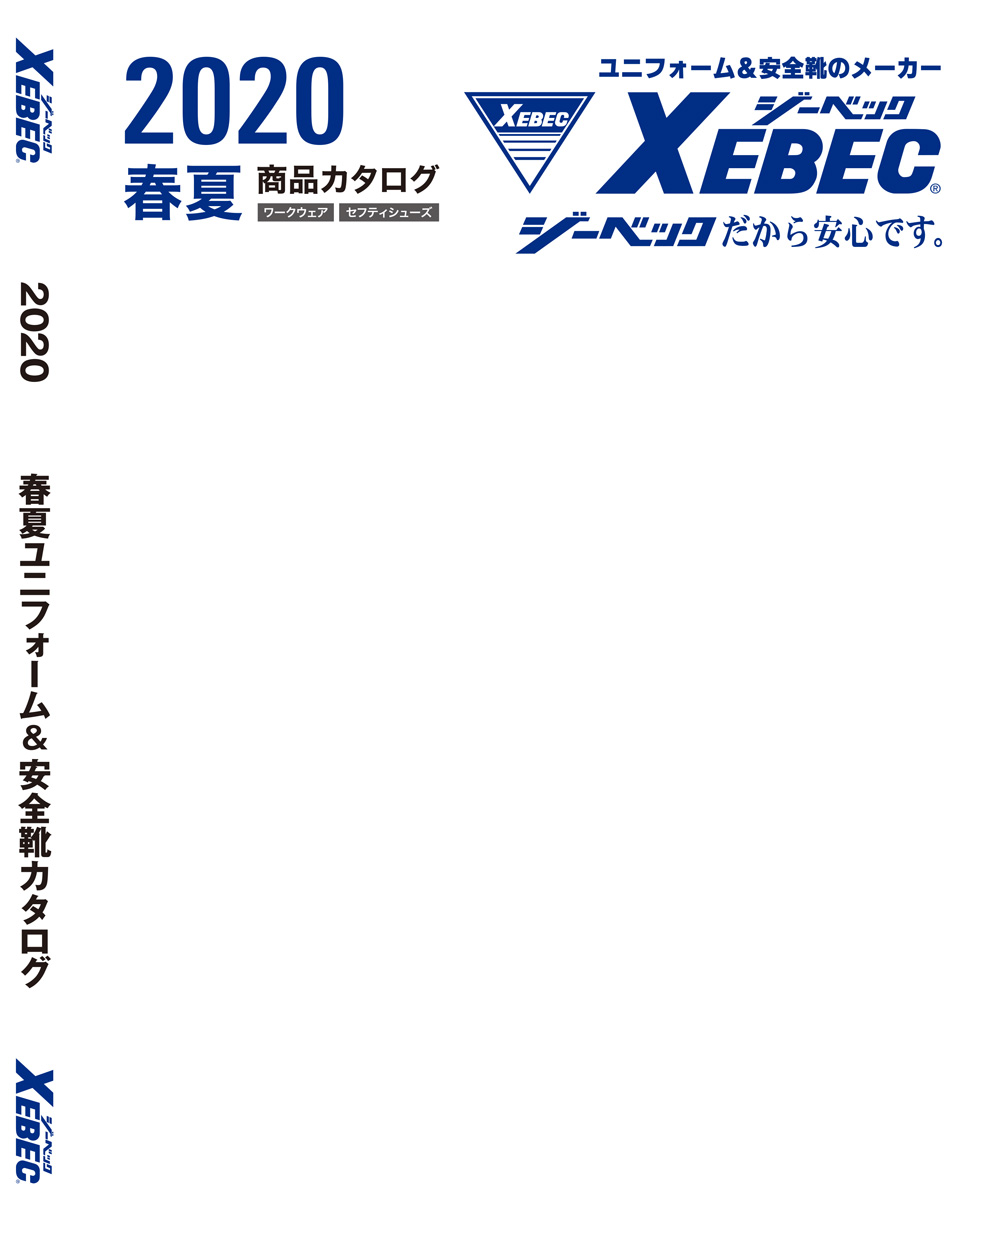 XEBEC 2020年春夏カタログ